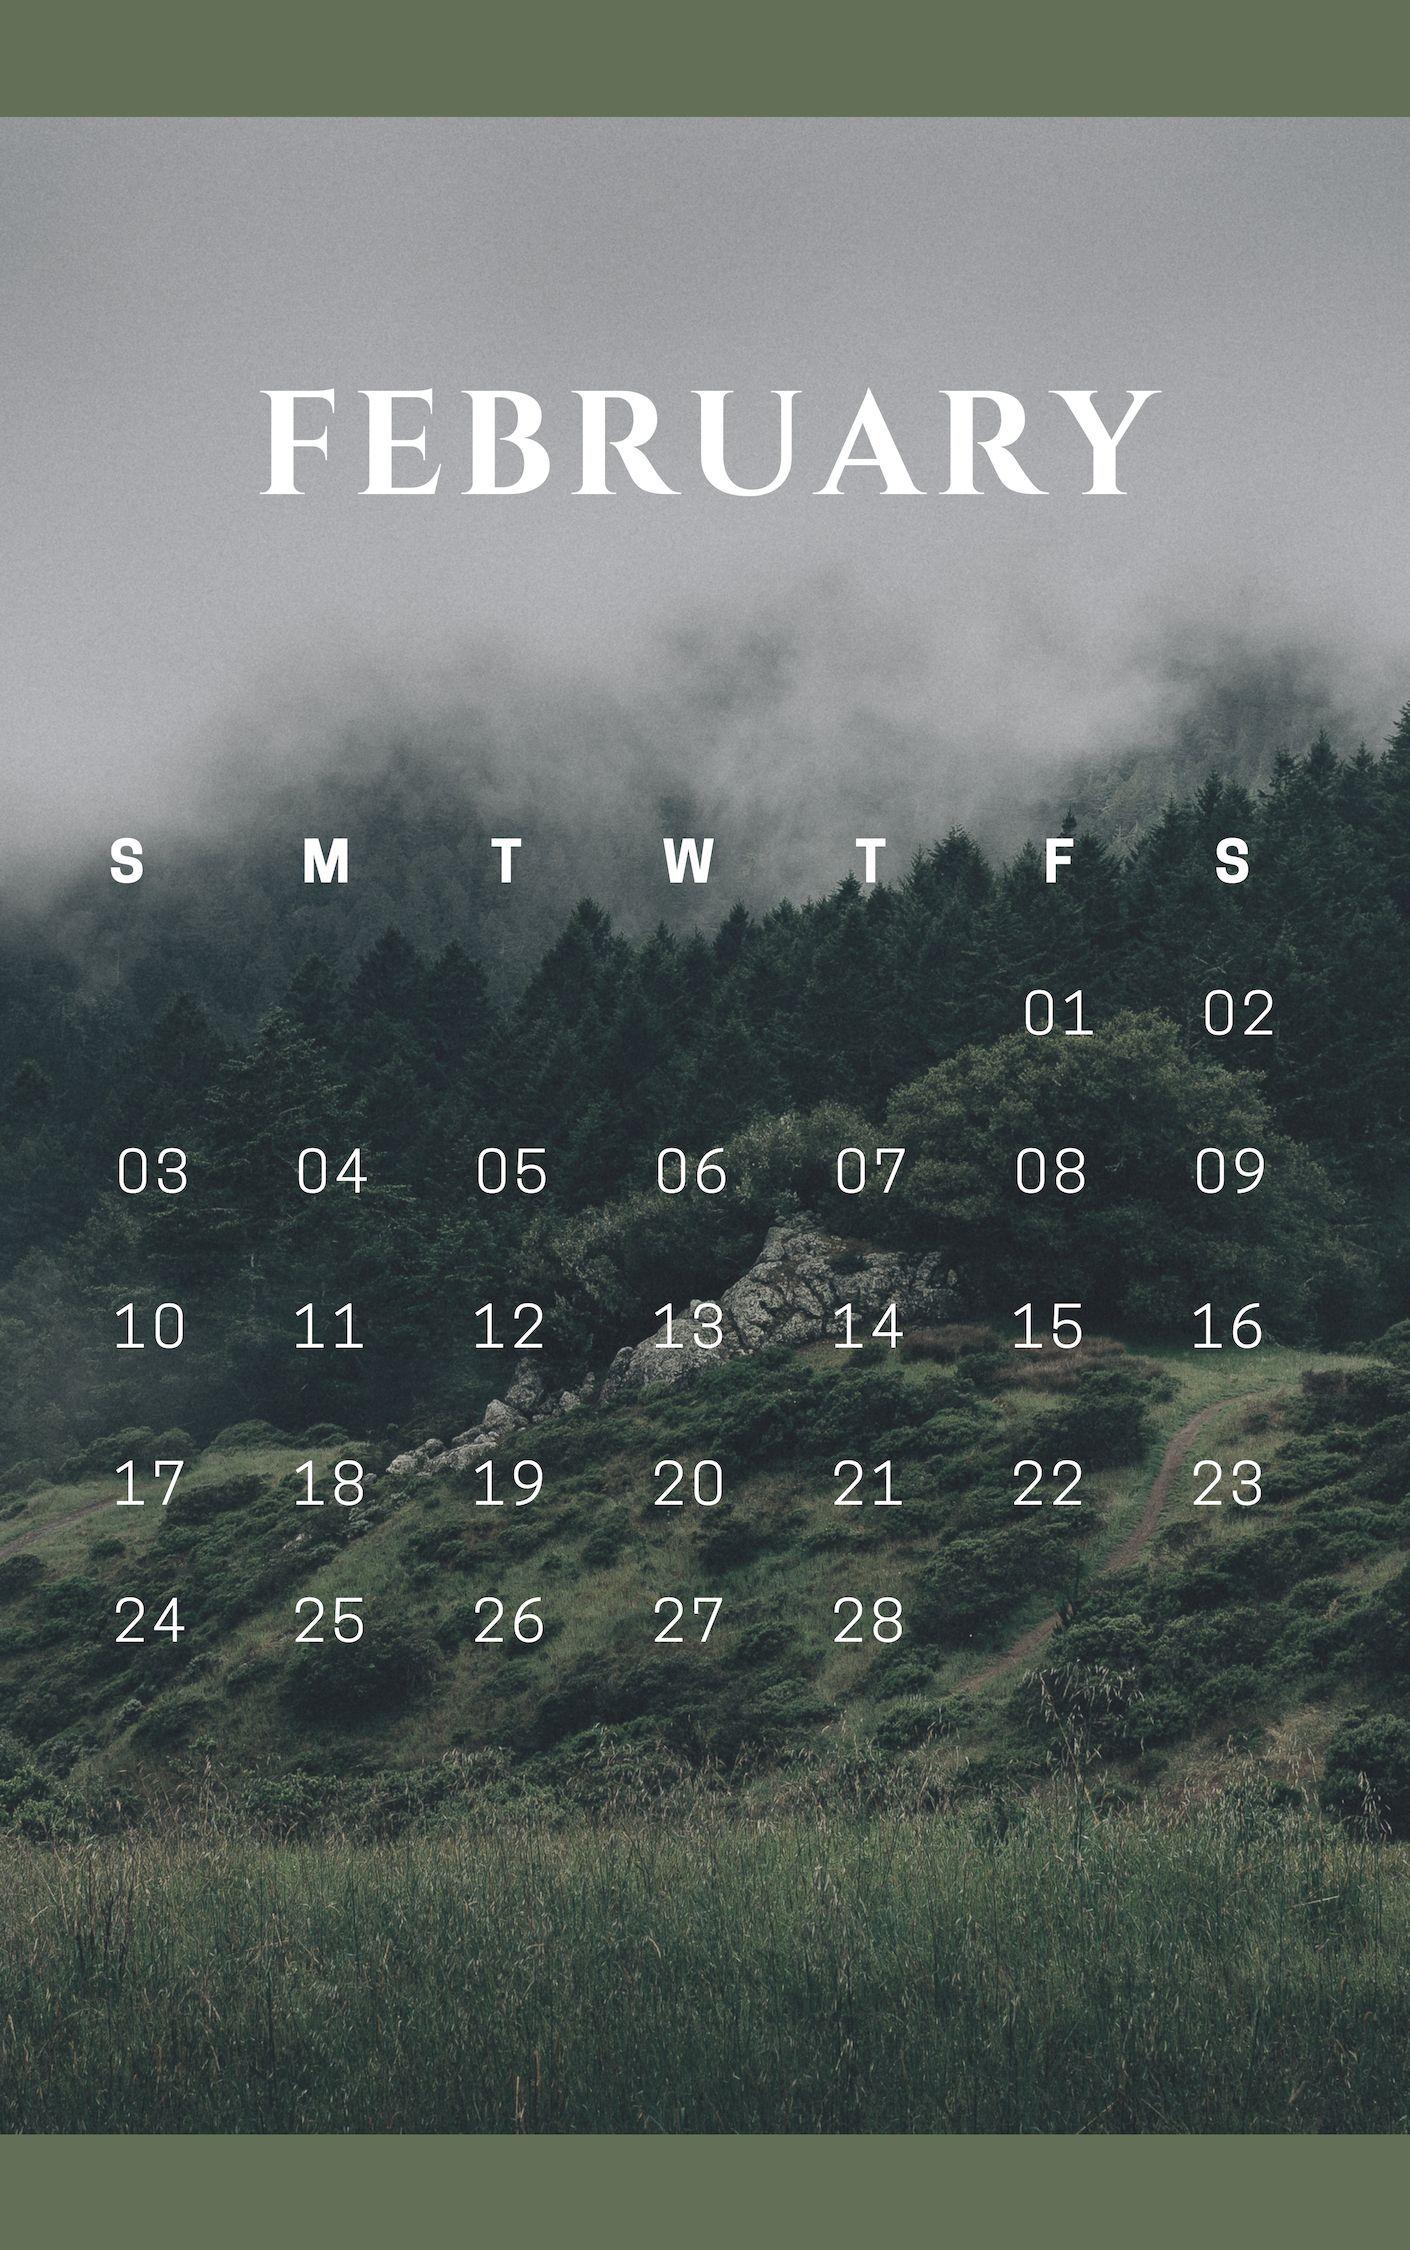 Book It Calendar February 2019 february 2019 nature iphone calendar | CALENDAR. in 2019